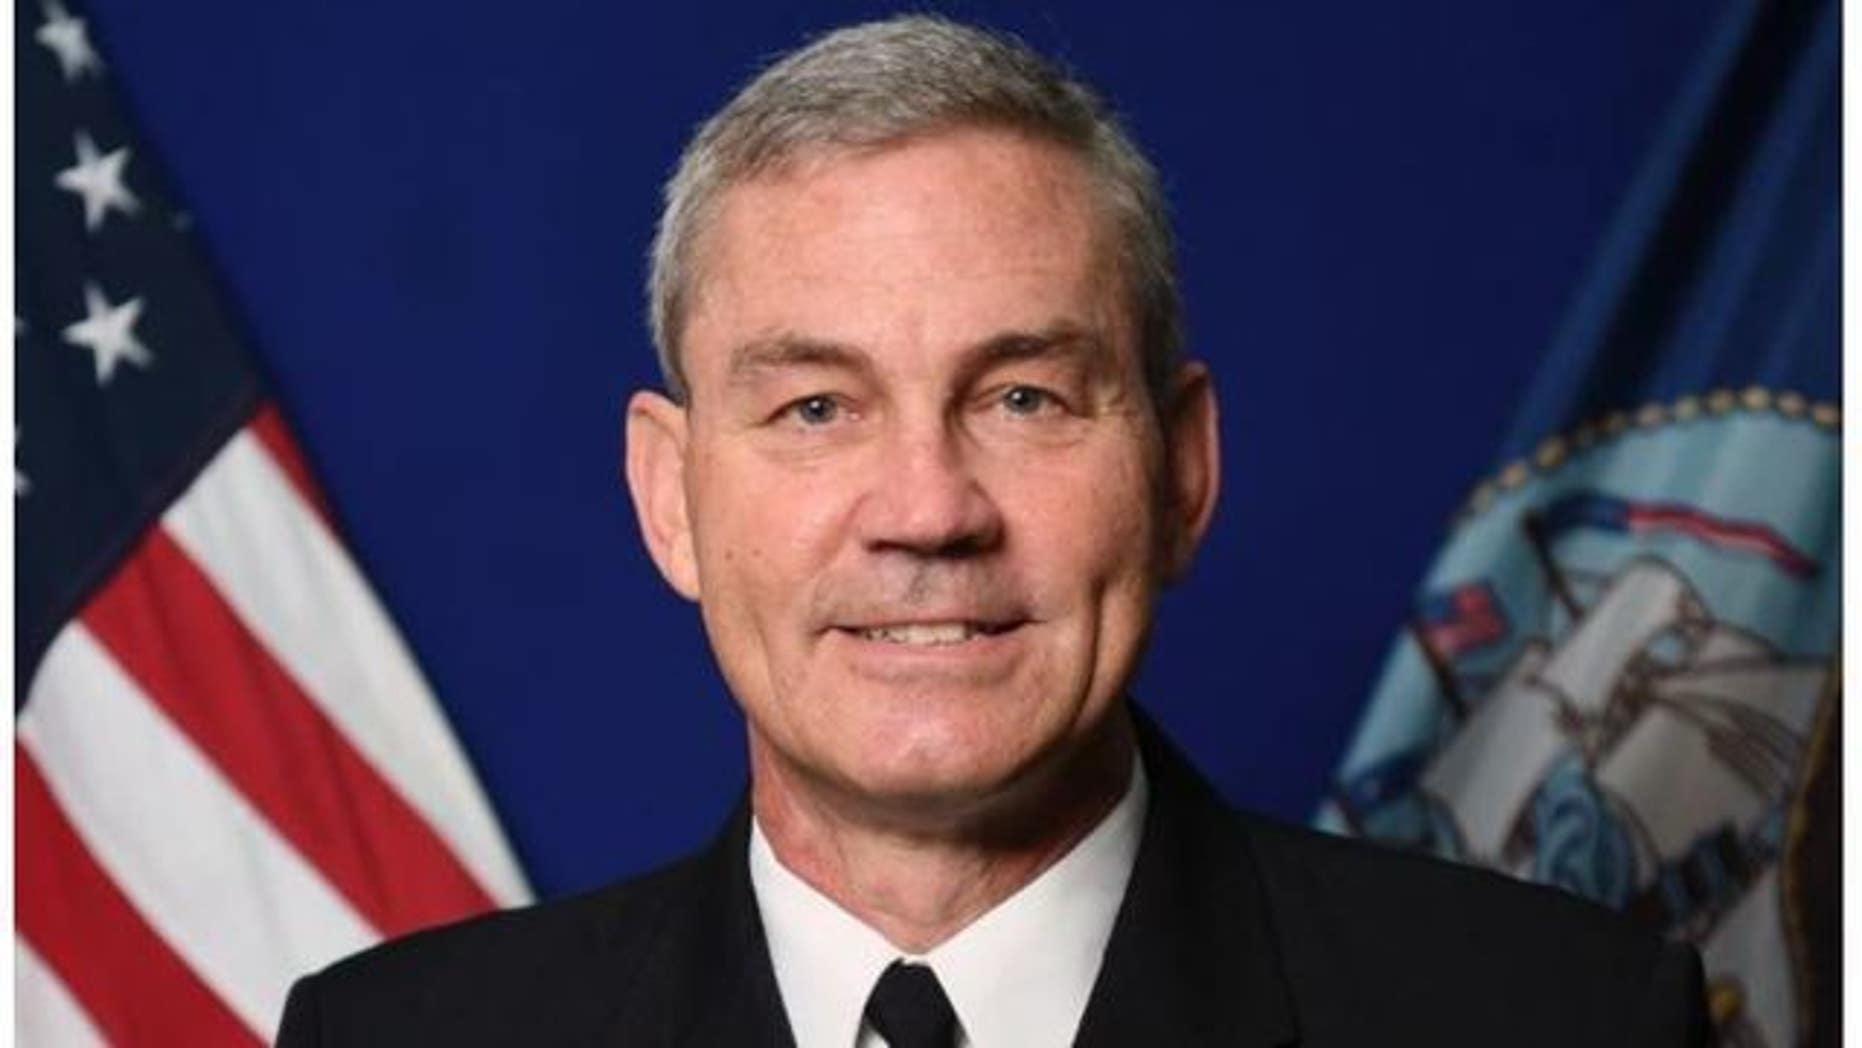 El vicealmirante Scott Stearney, comandante de la Quinta Flota de los Estados Unidos, había servido en la Marina desde 1982, según informes. (Marina de los Estados Unidos)